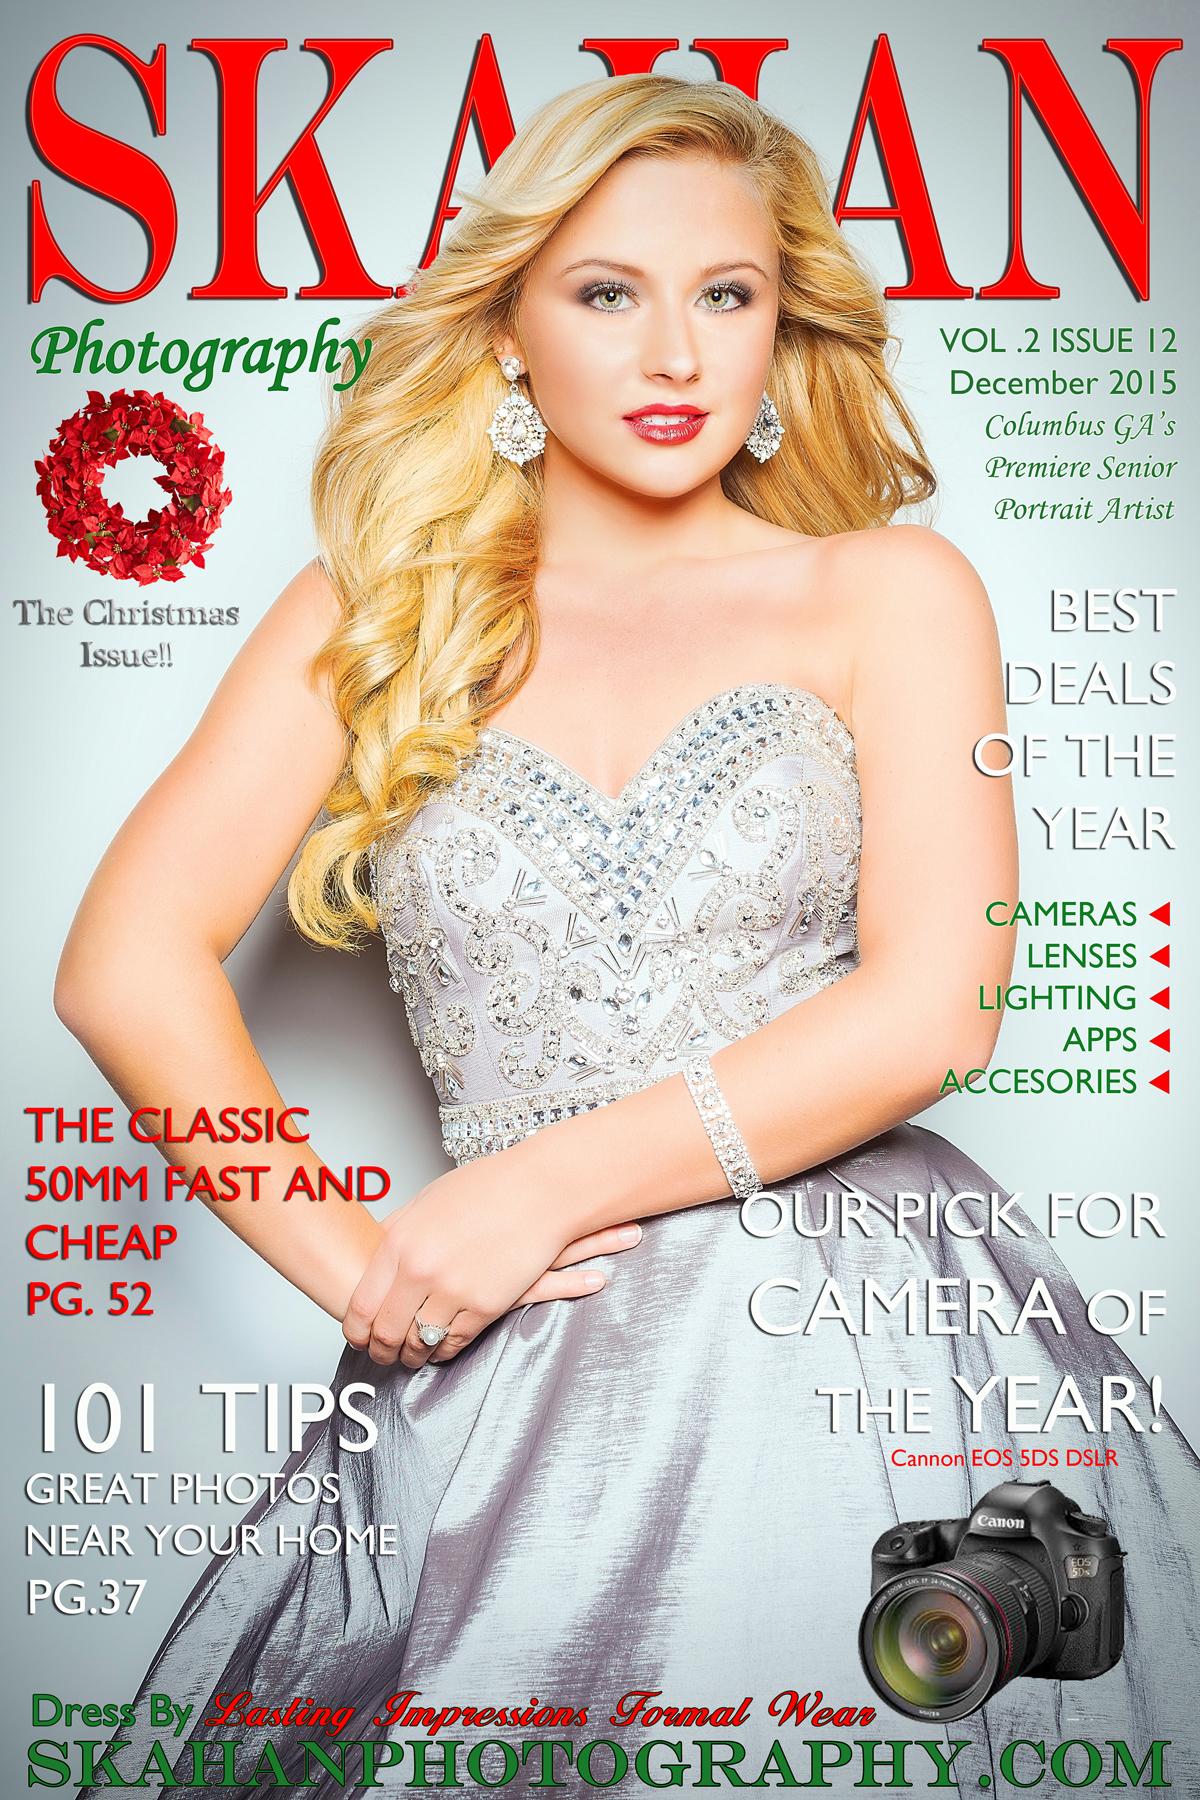 Volume 2 Issue 12 DEC 2015